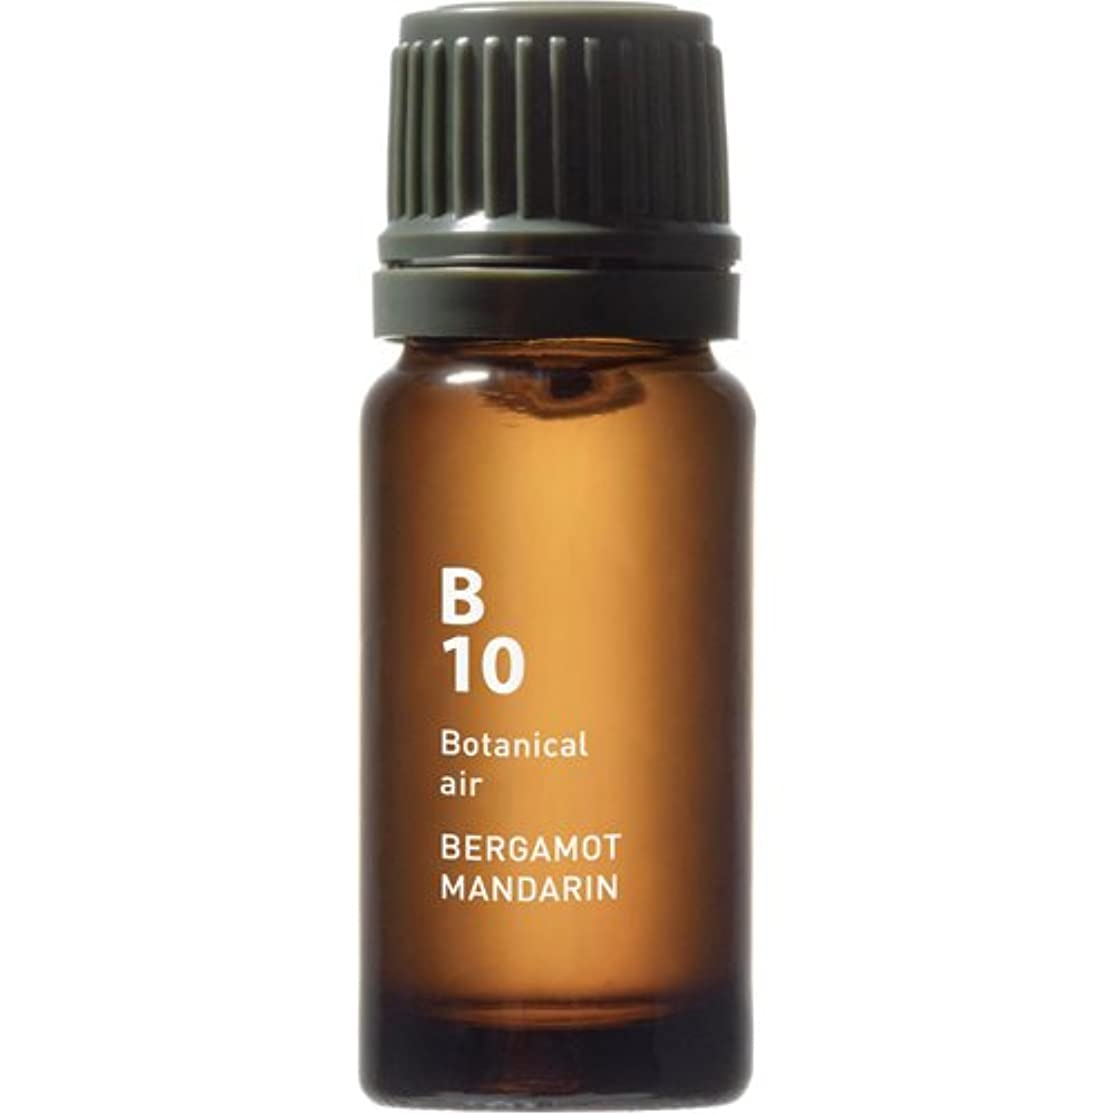 花費やす格差B10 ベルガモットマンダリン Botanical air(ボタニカルエアー) 10ml